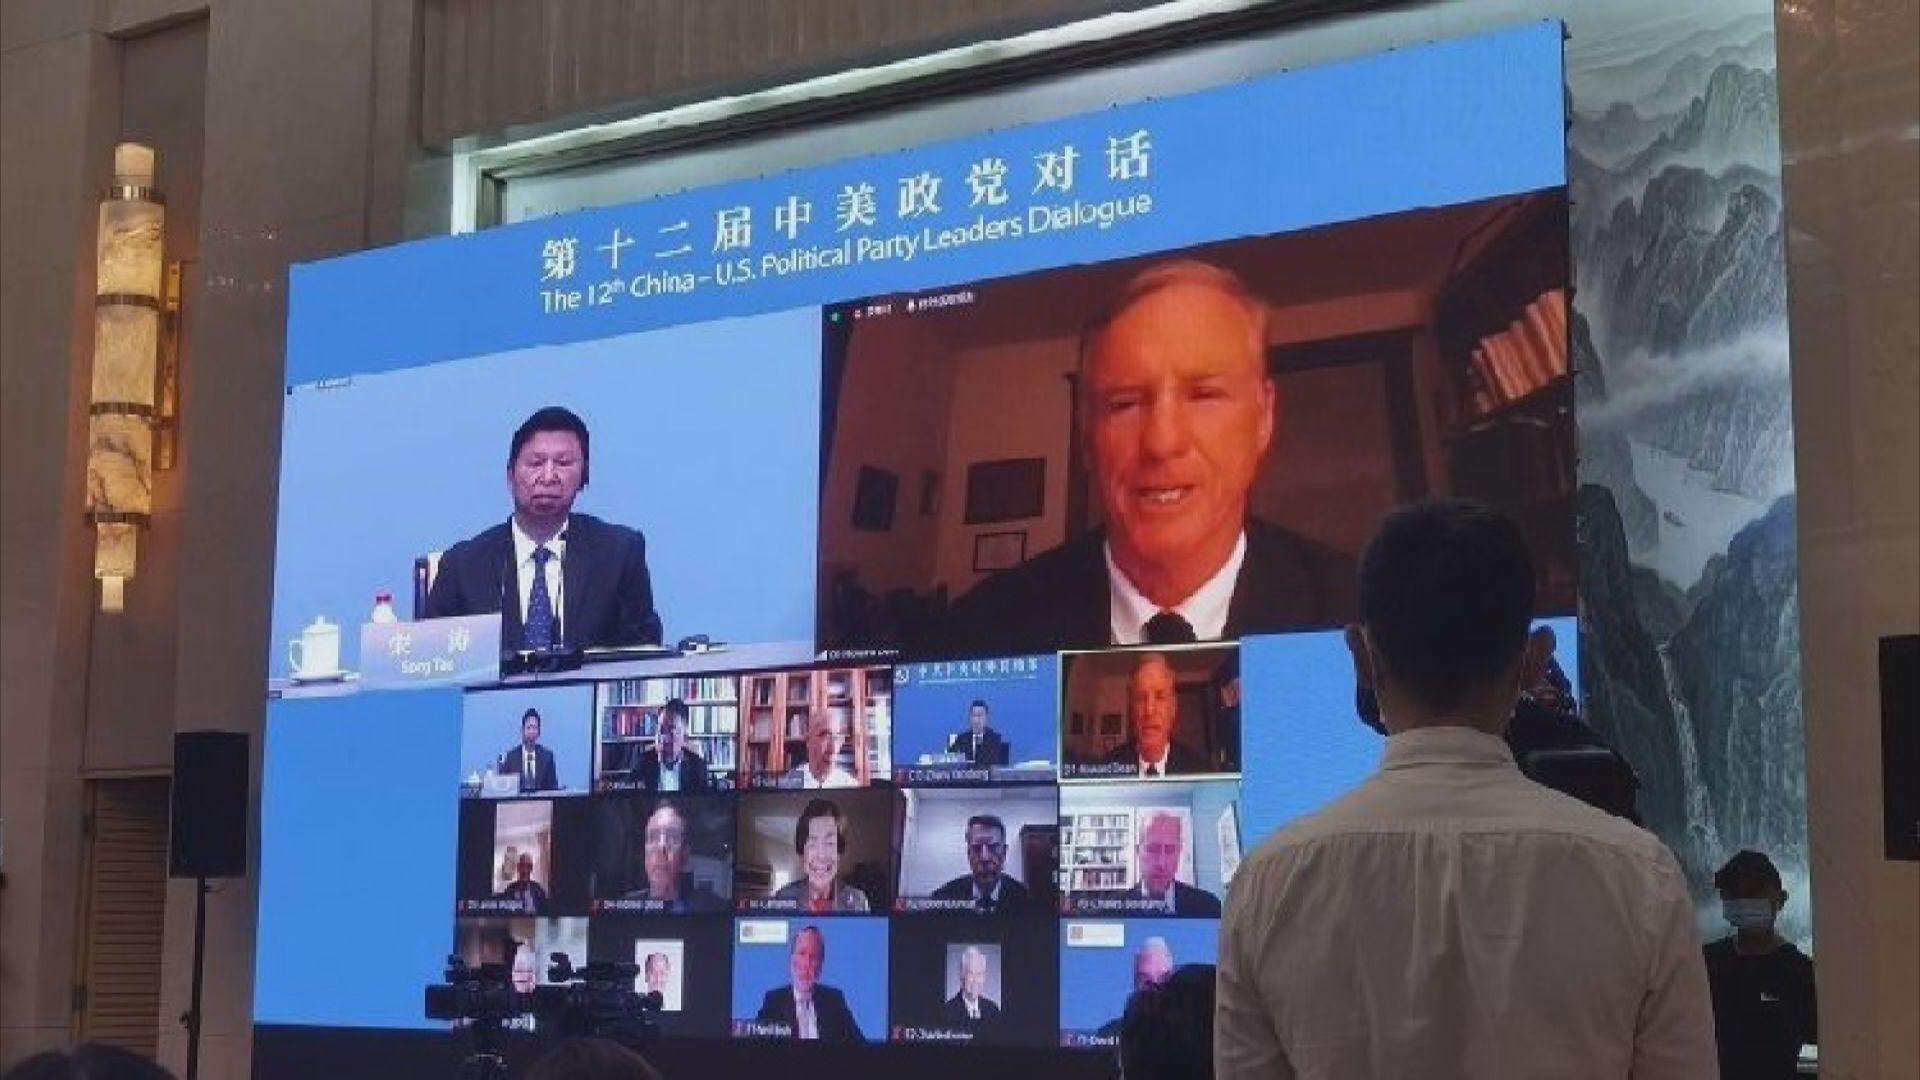 第十二屆中美政黨對話周一舉行